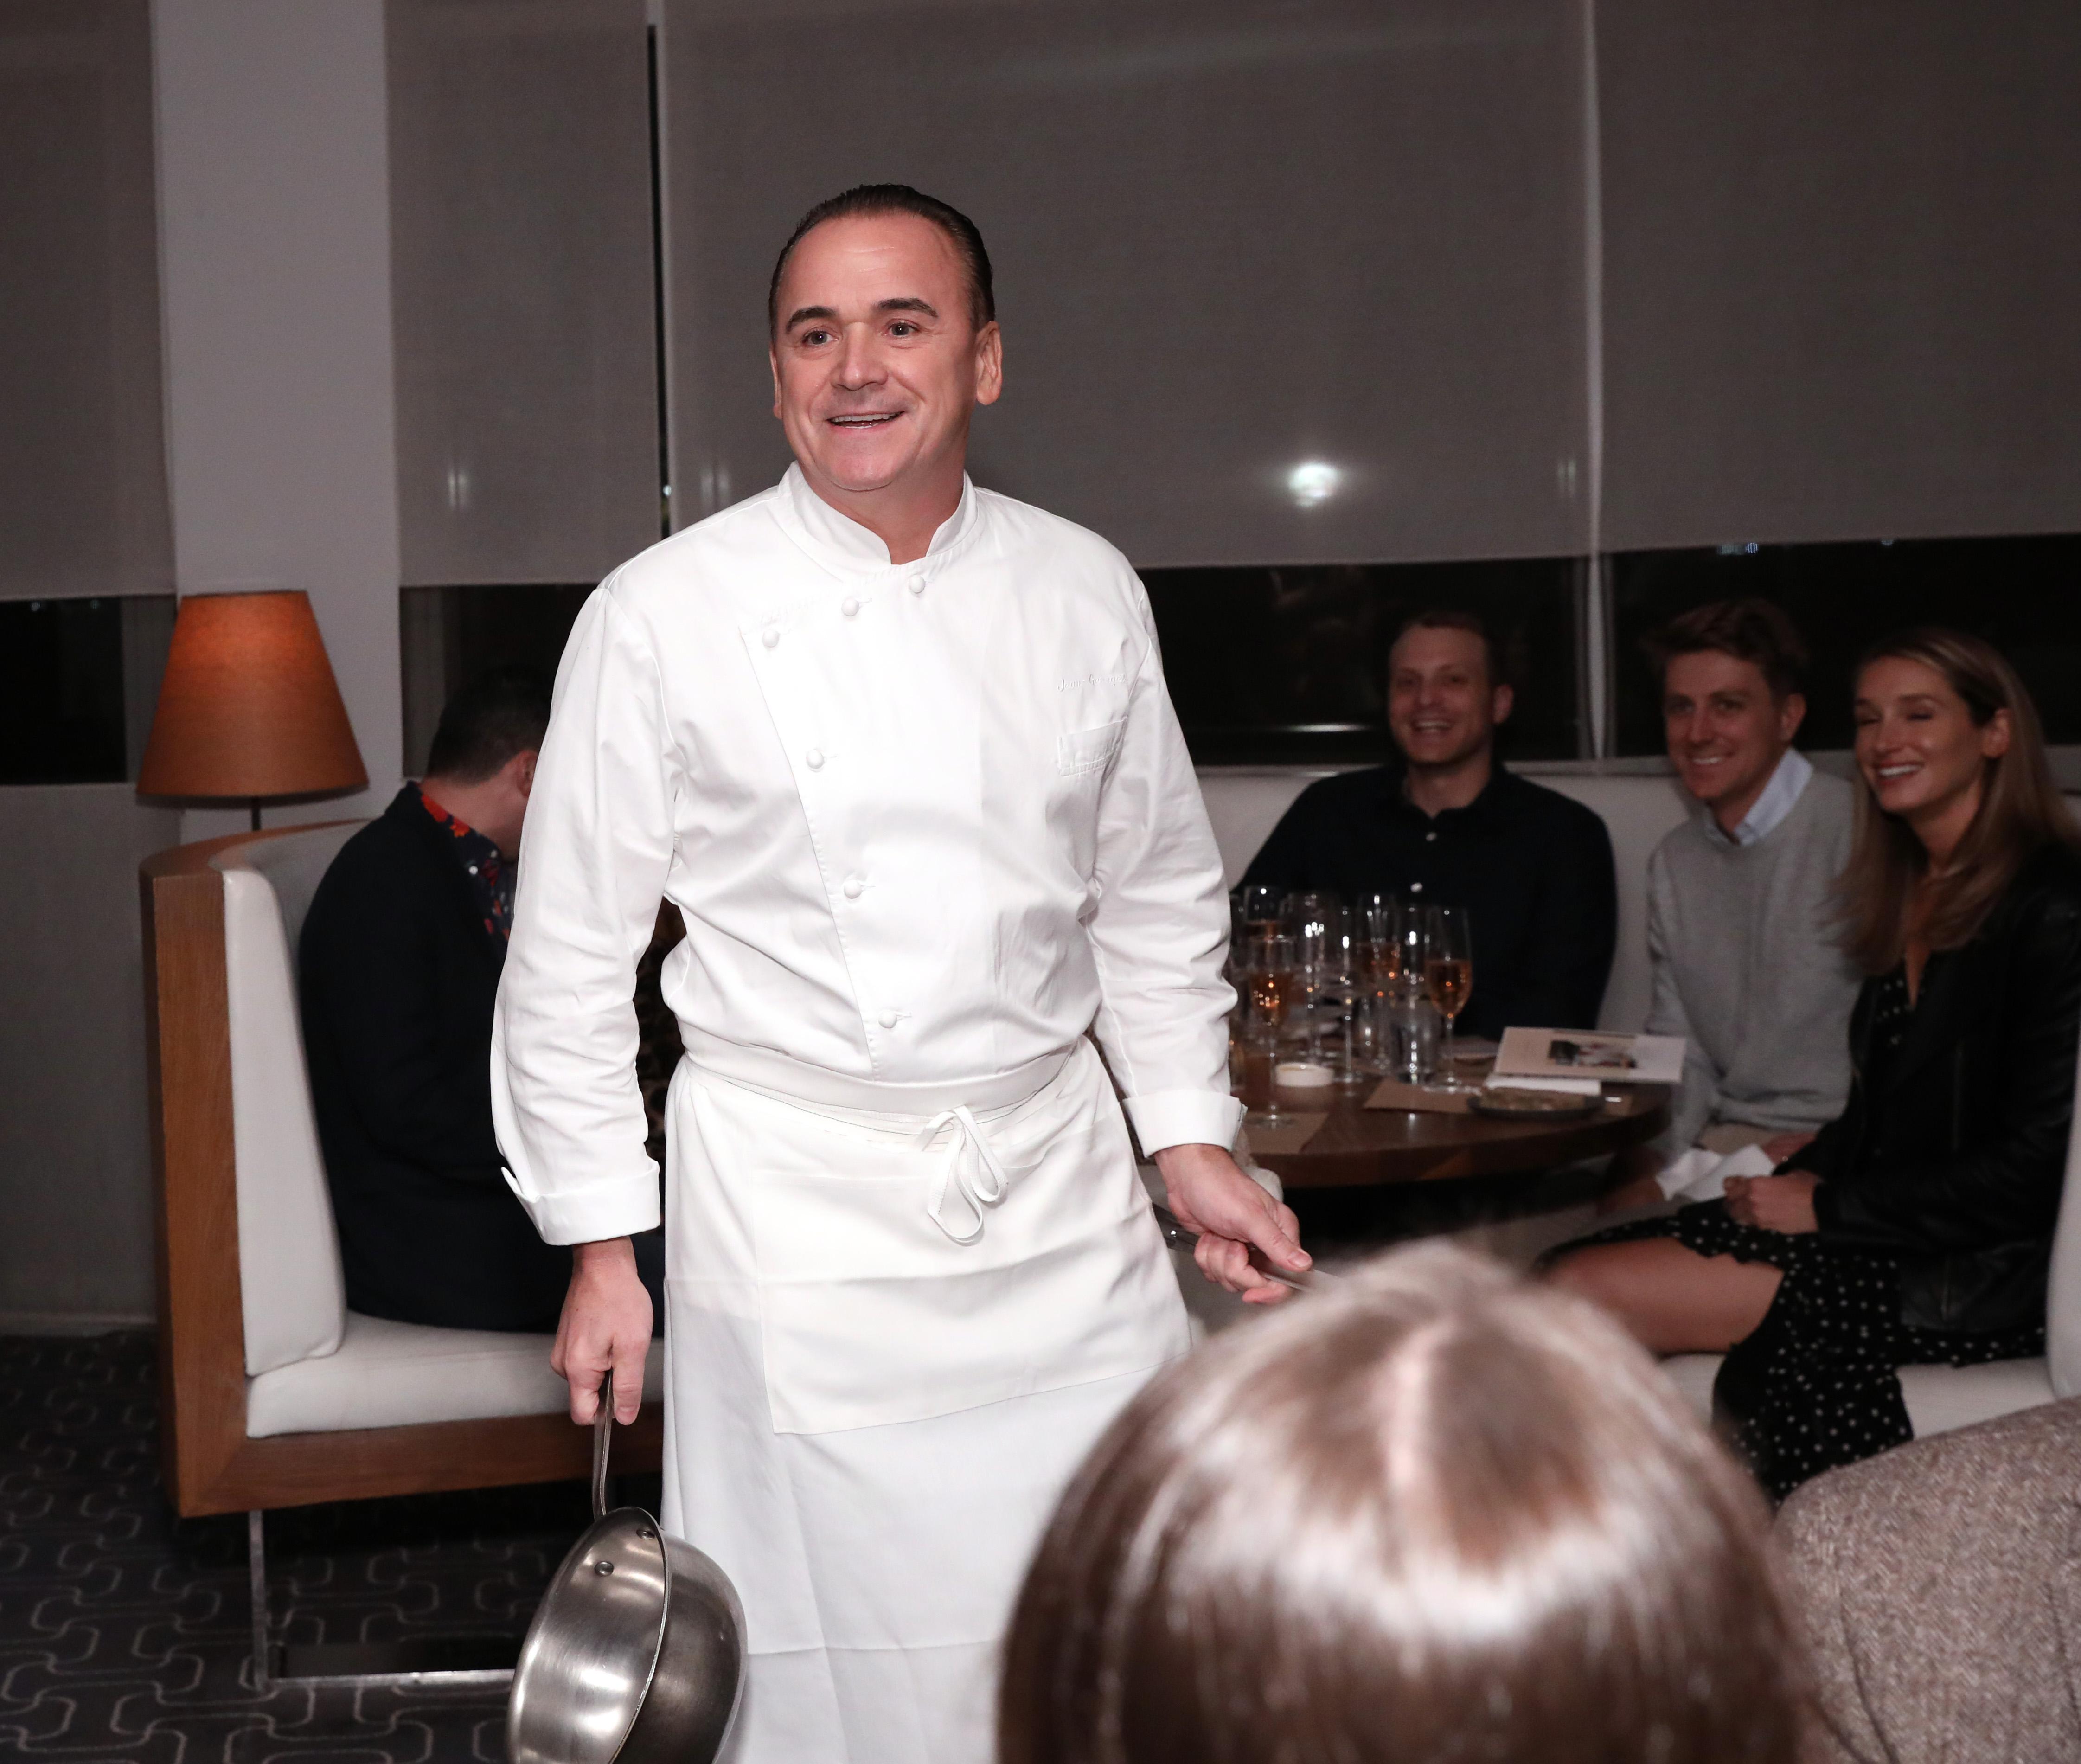 Jean-Georges Vongerichten in chef whites